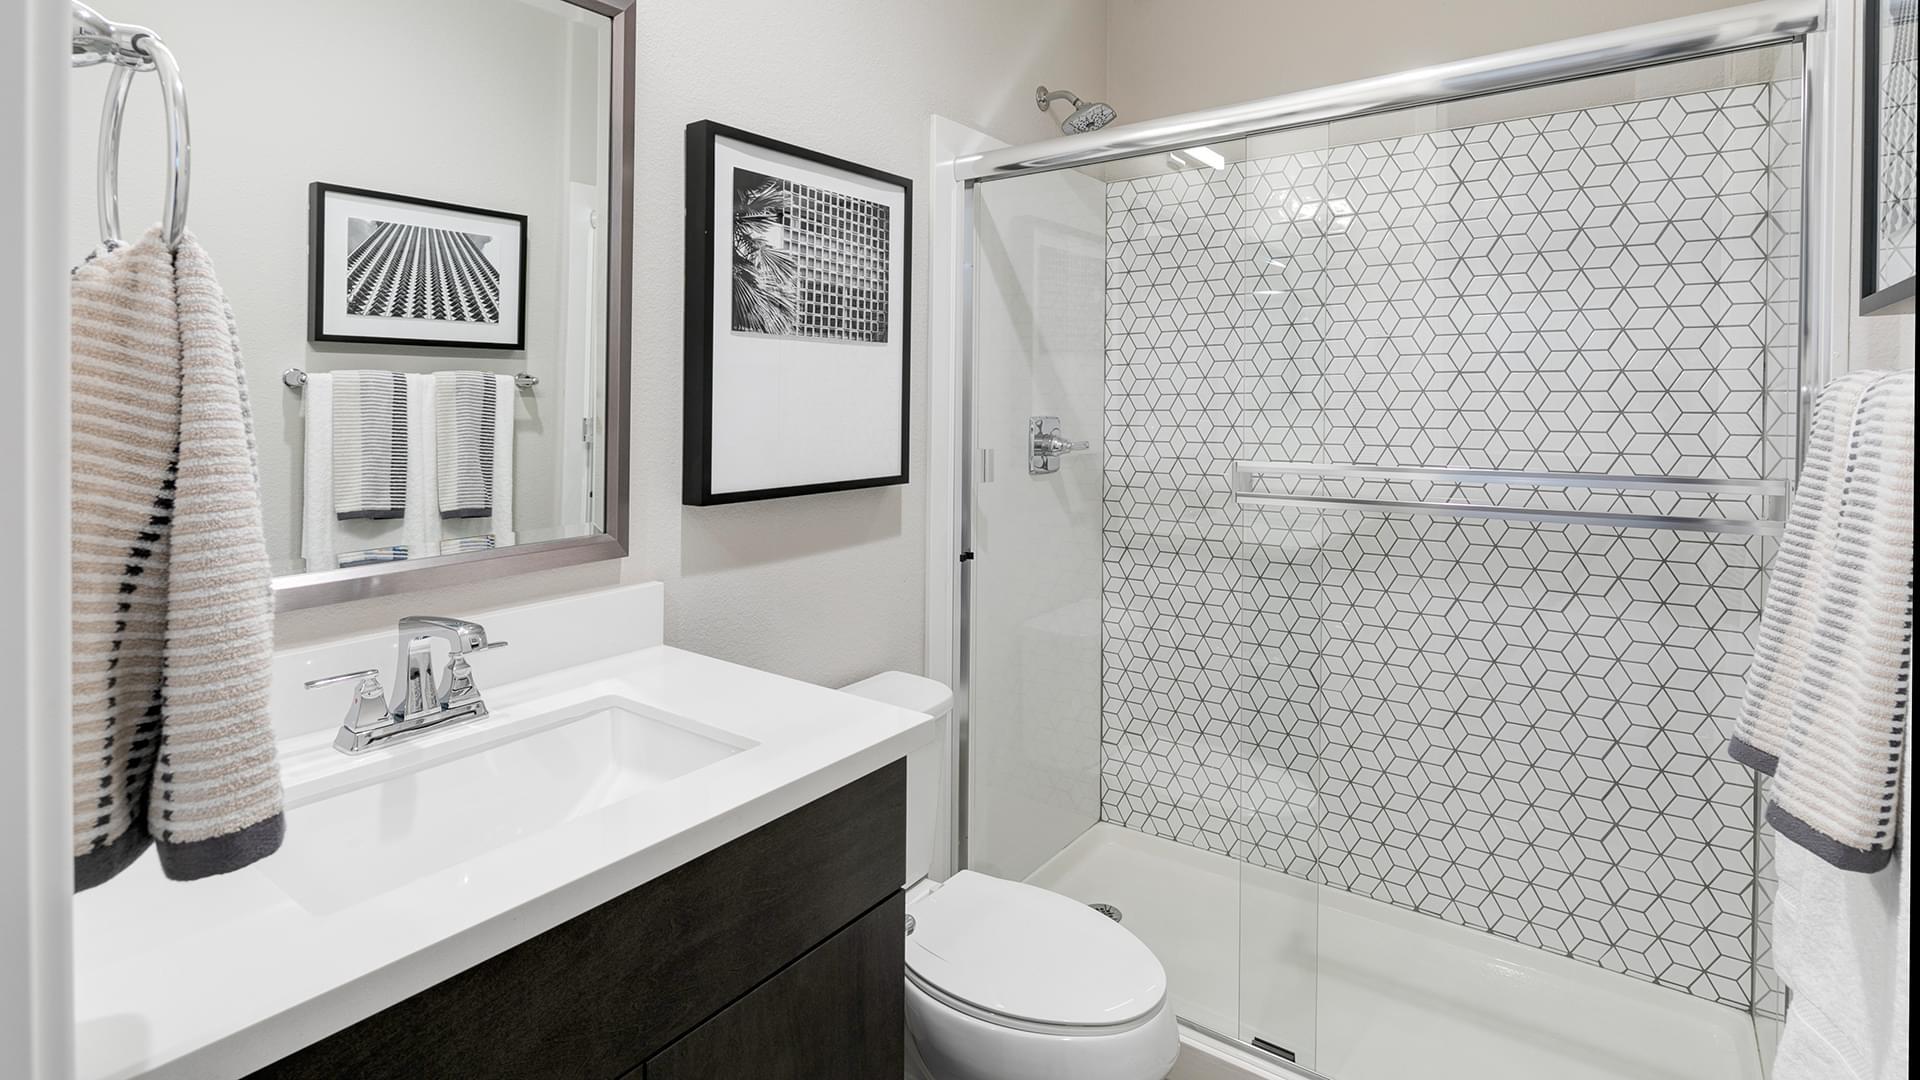 Residence 4A Bath 4